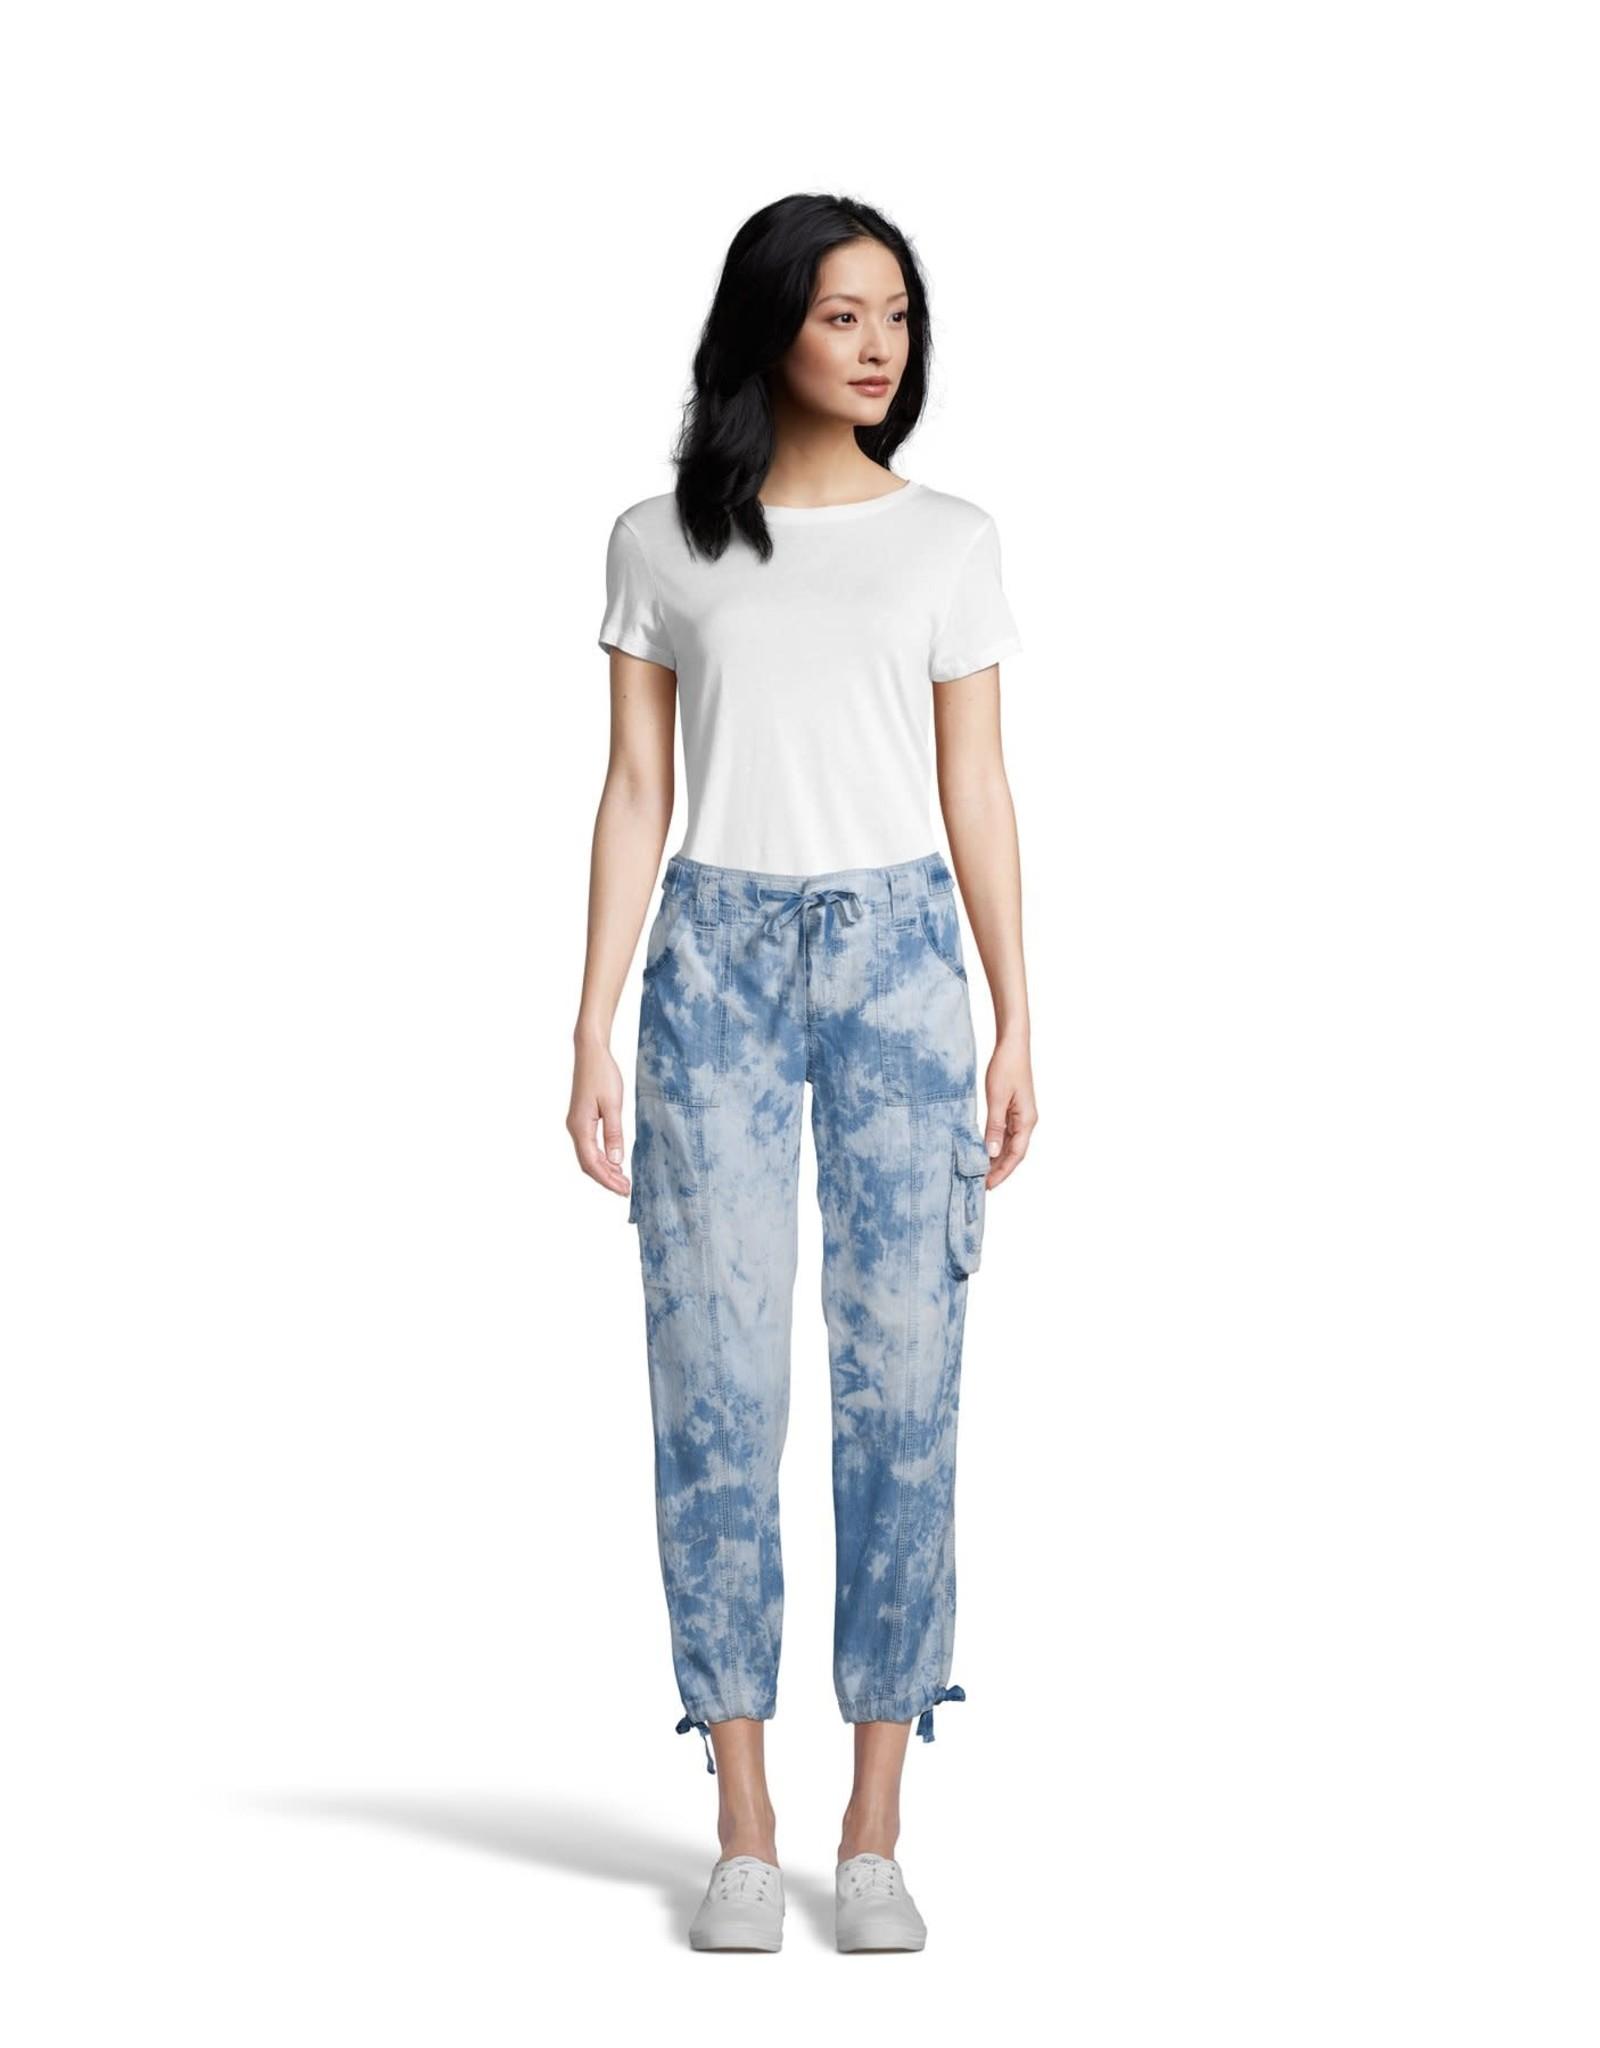 MARRAKECH - McKinley Dye Pant